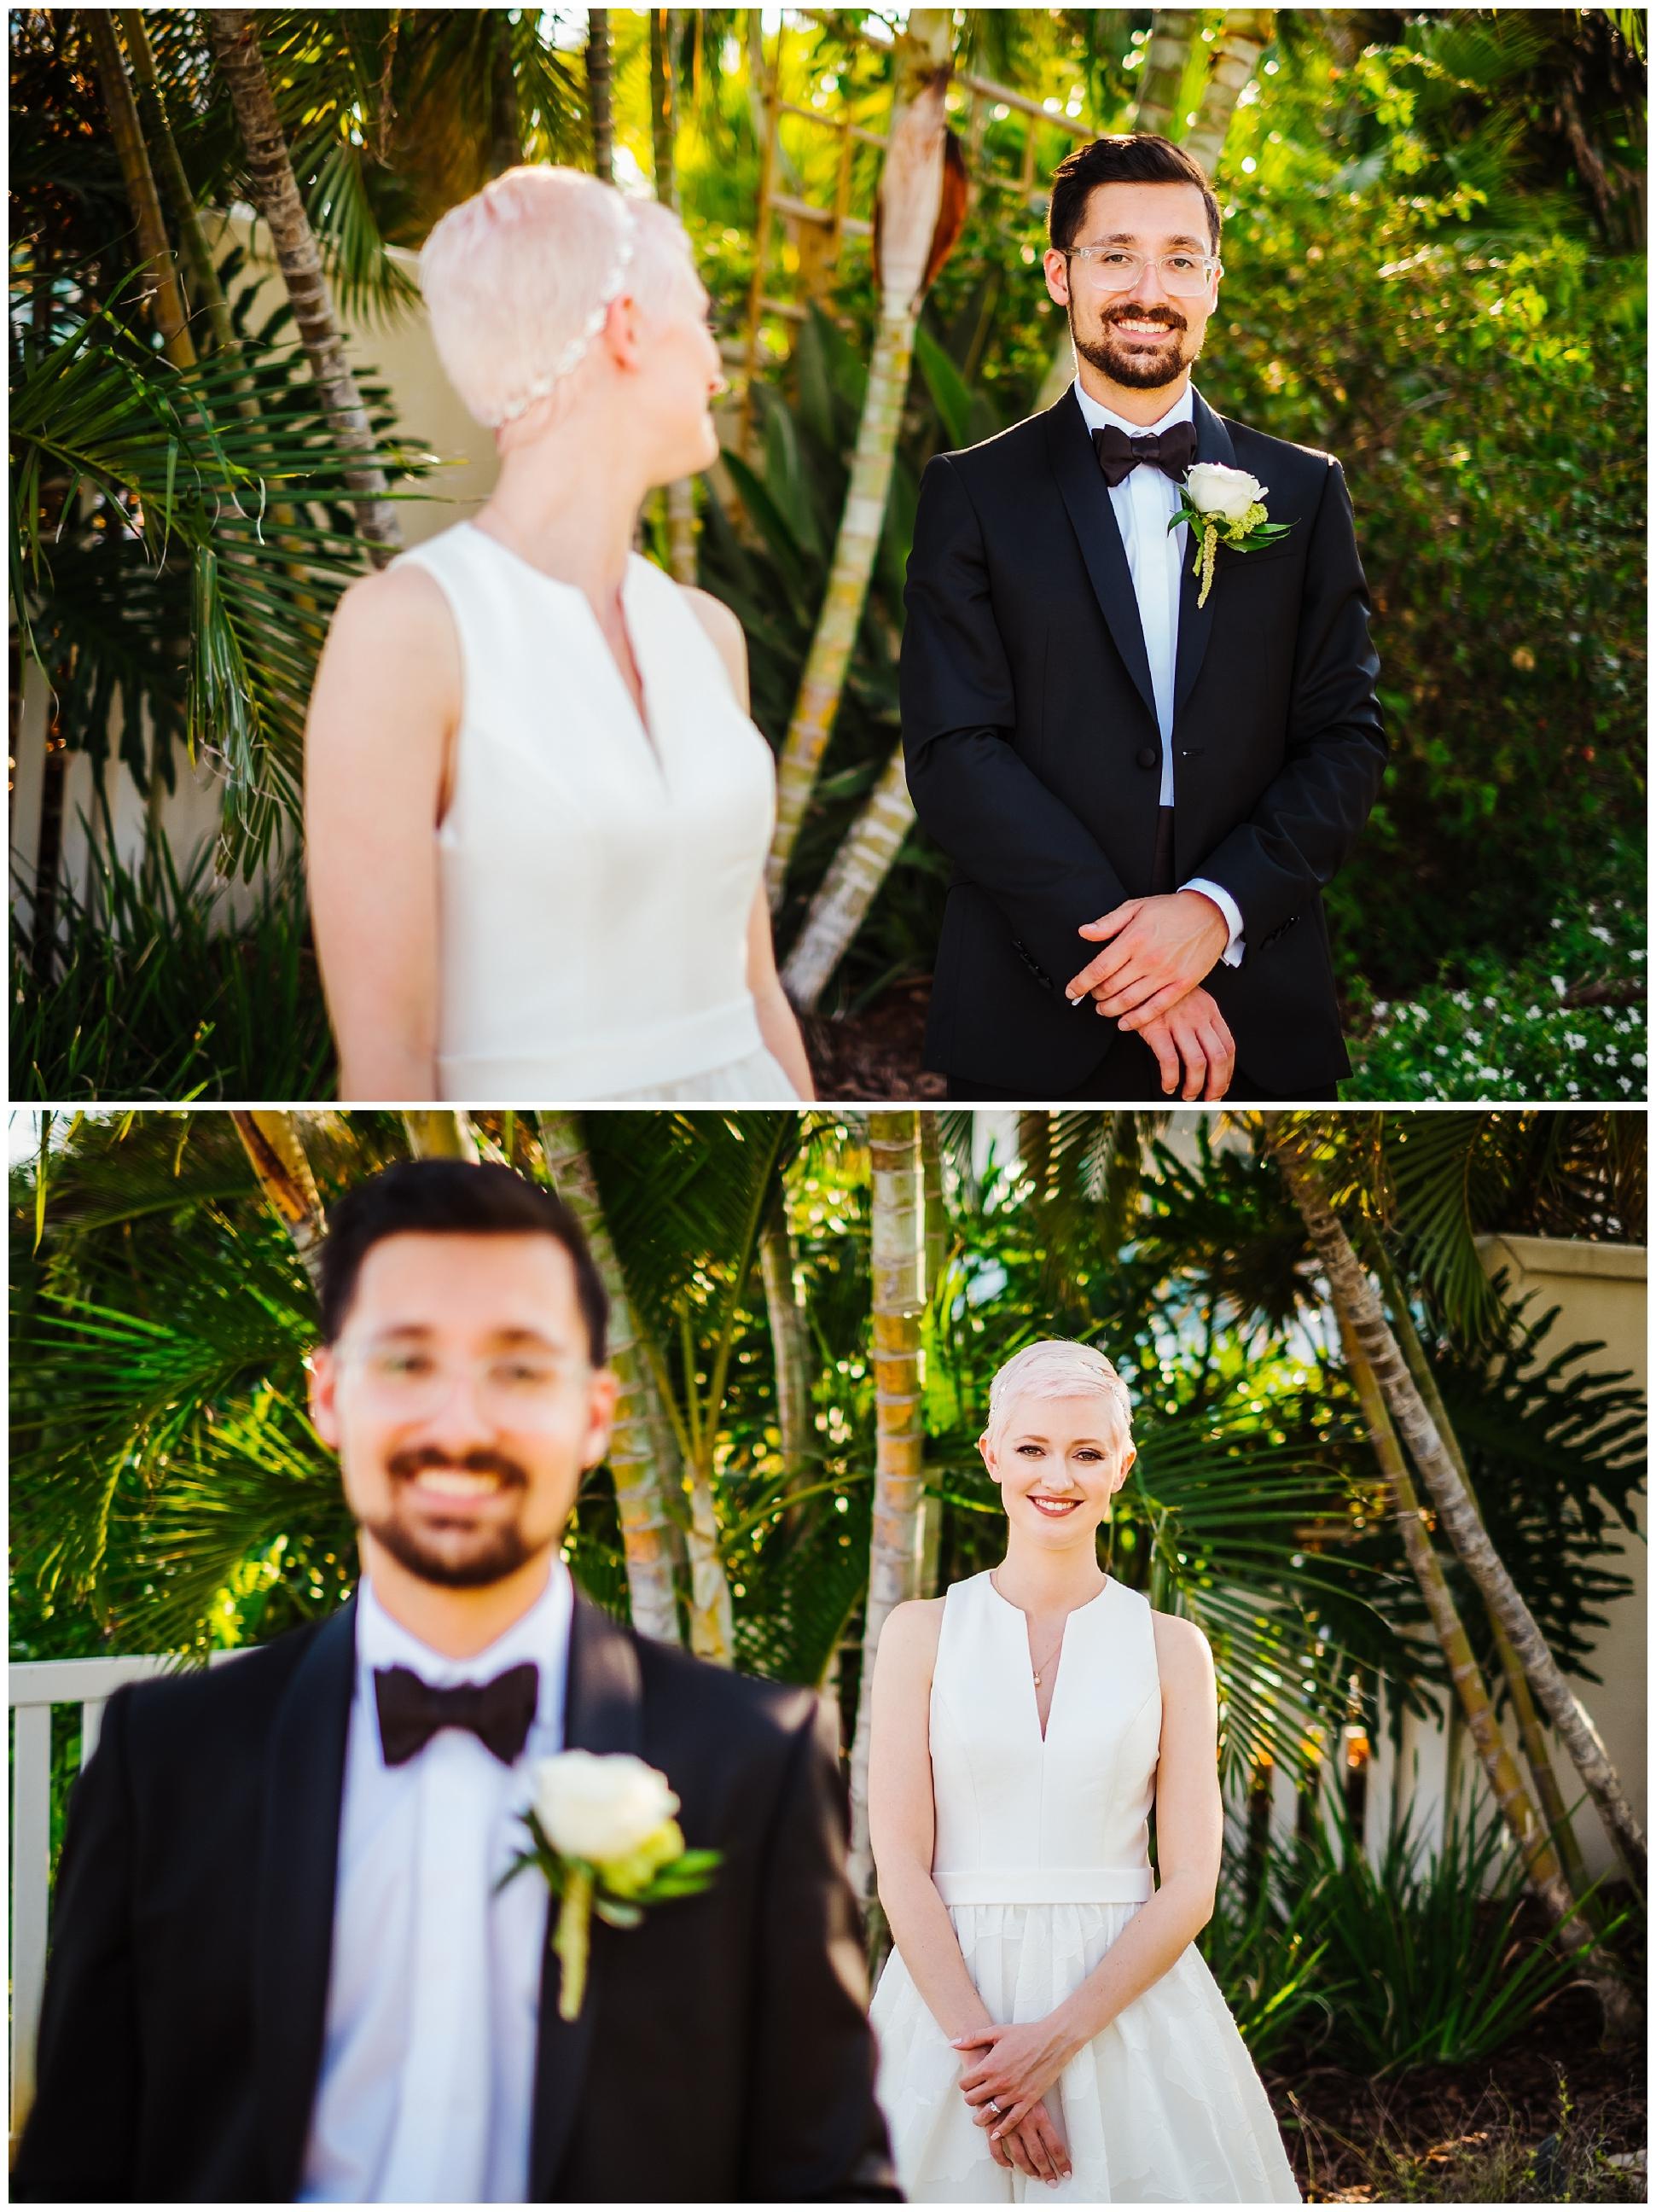 tierra-verde-st-pete-florida-home-luxury-wedding-greenery-pink-pixie-bride_0029.jpg